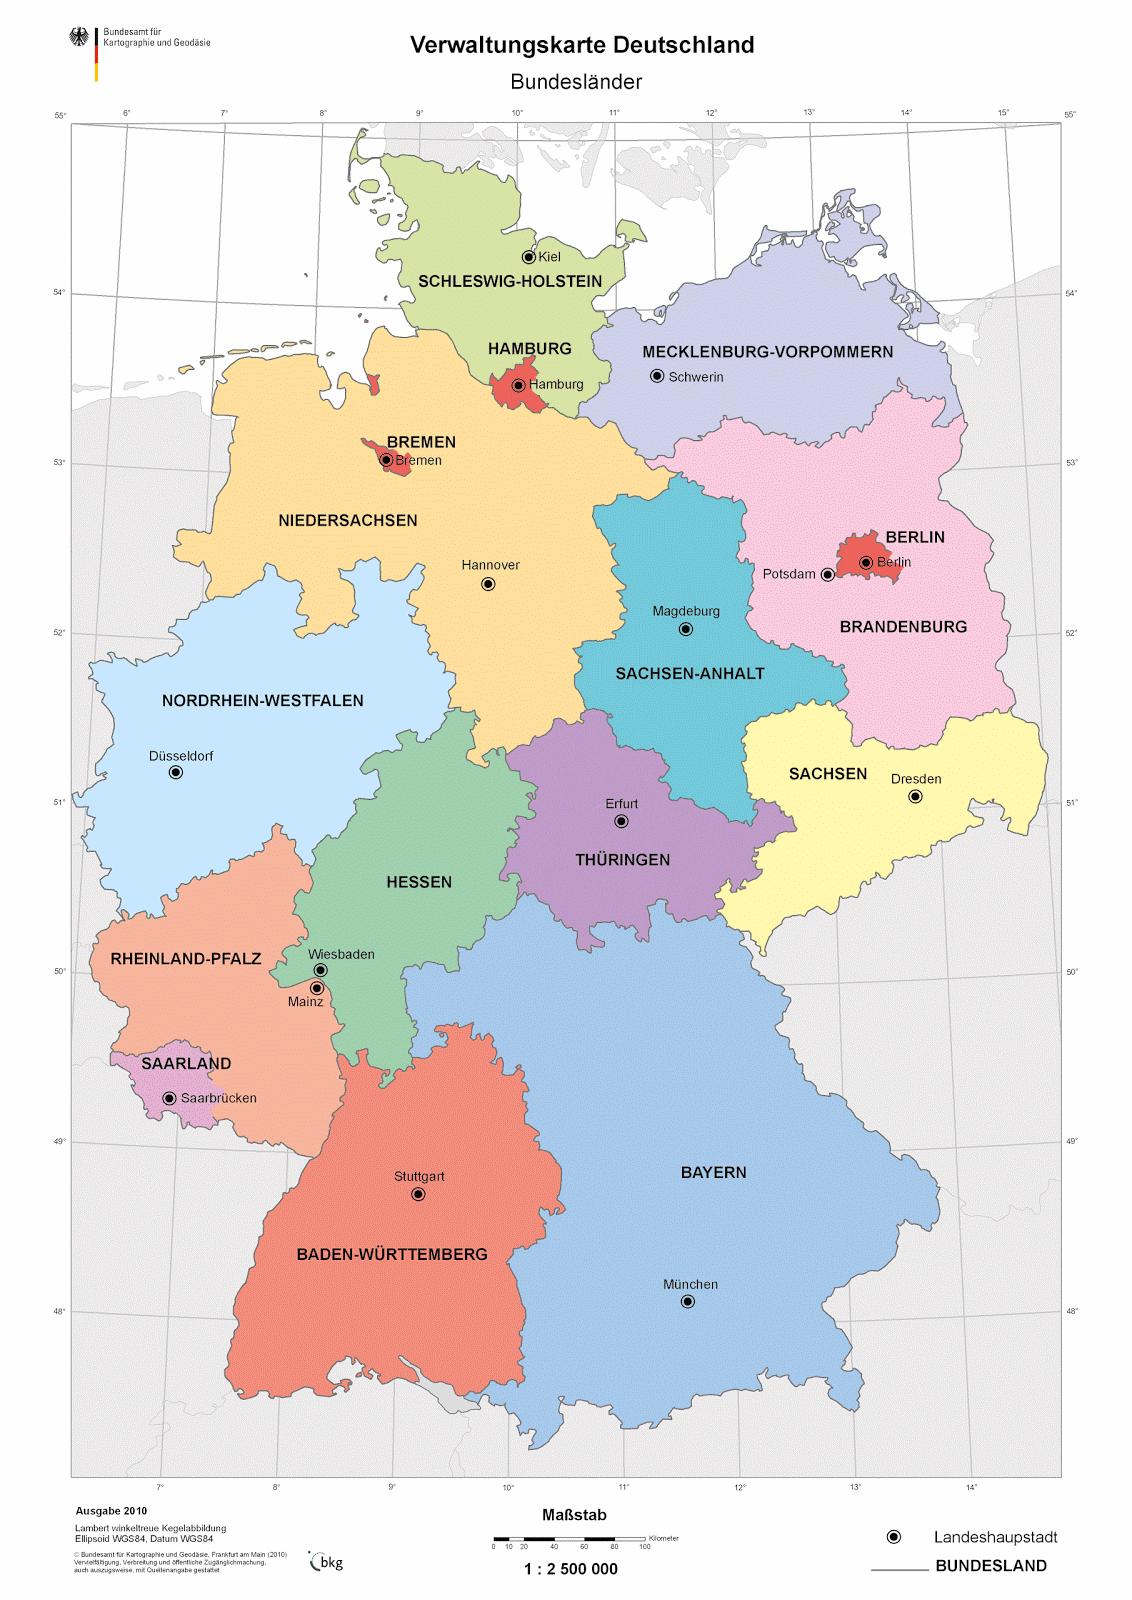 Bundesrepublik Deutschland Karte Bundesländer - Bundesrepublik Deutschland Bundesländer Karte